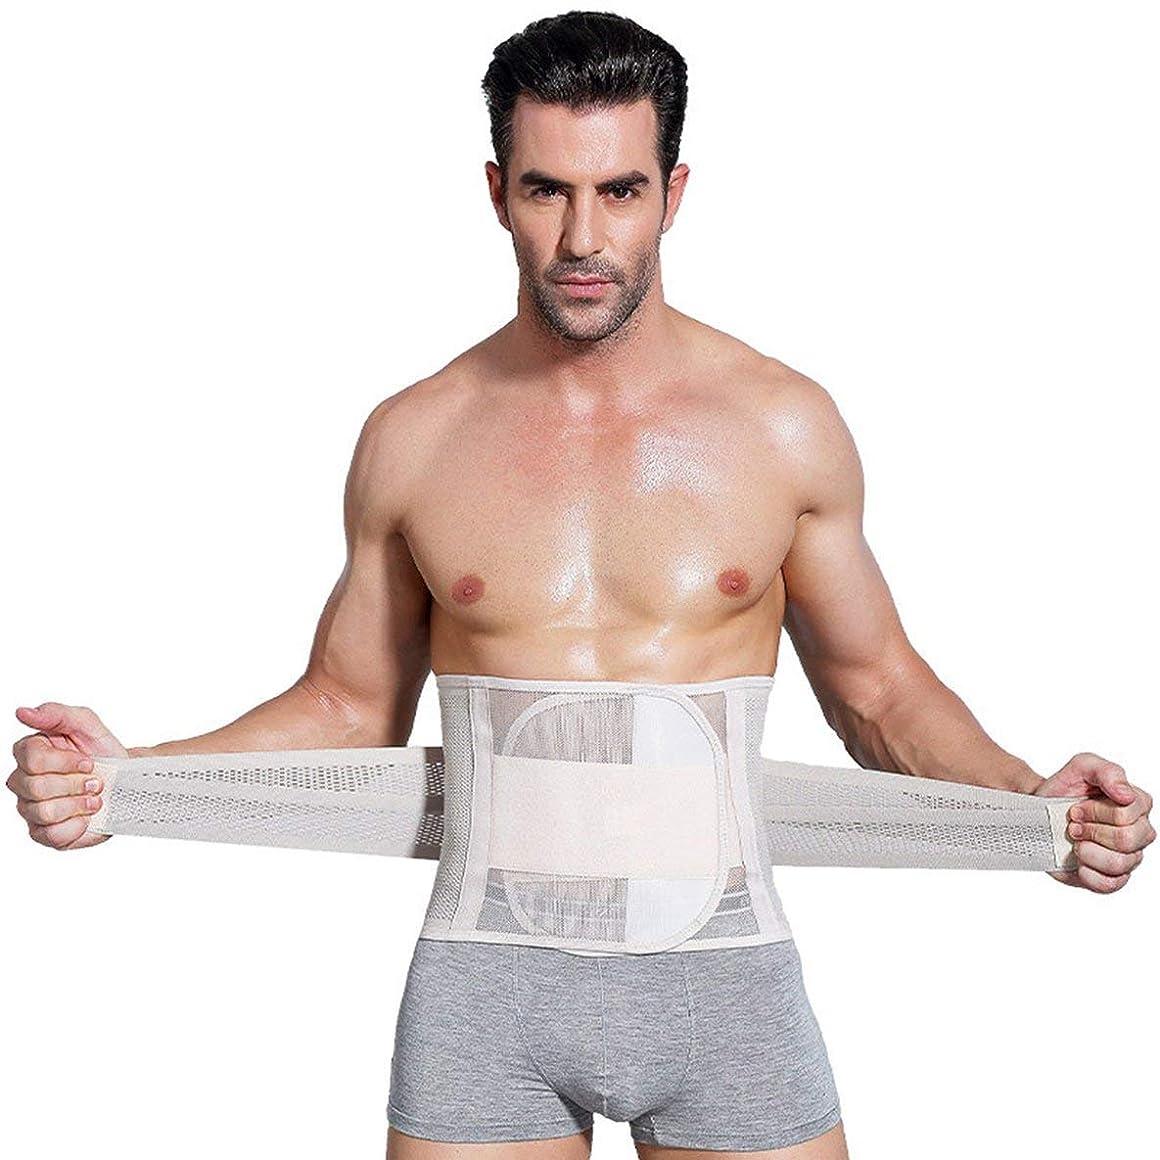 ロンドン鳴り響く砲兵男性ボディシェイパーコルセット腹部おなかコントロールウエストトレーナーニッパー脂肪燃焼ガードル痩身腹ベルト用男性 - 肌色XL